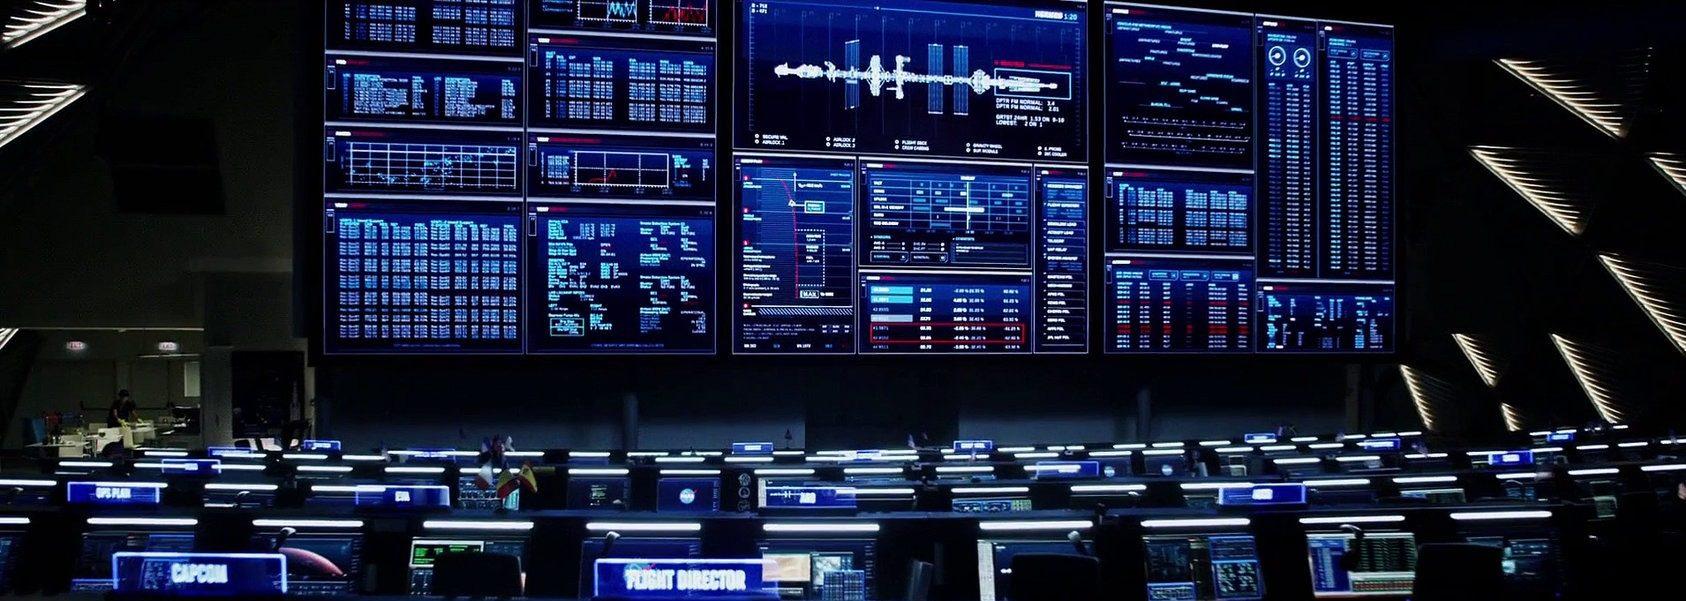 Автоматика промышленных предприятий